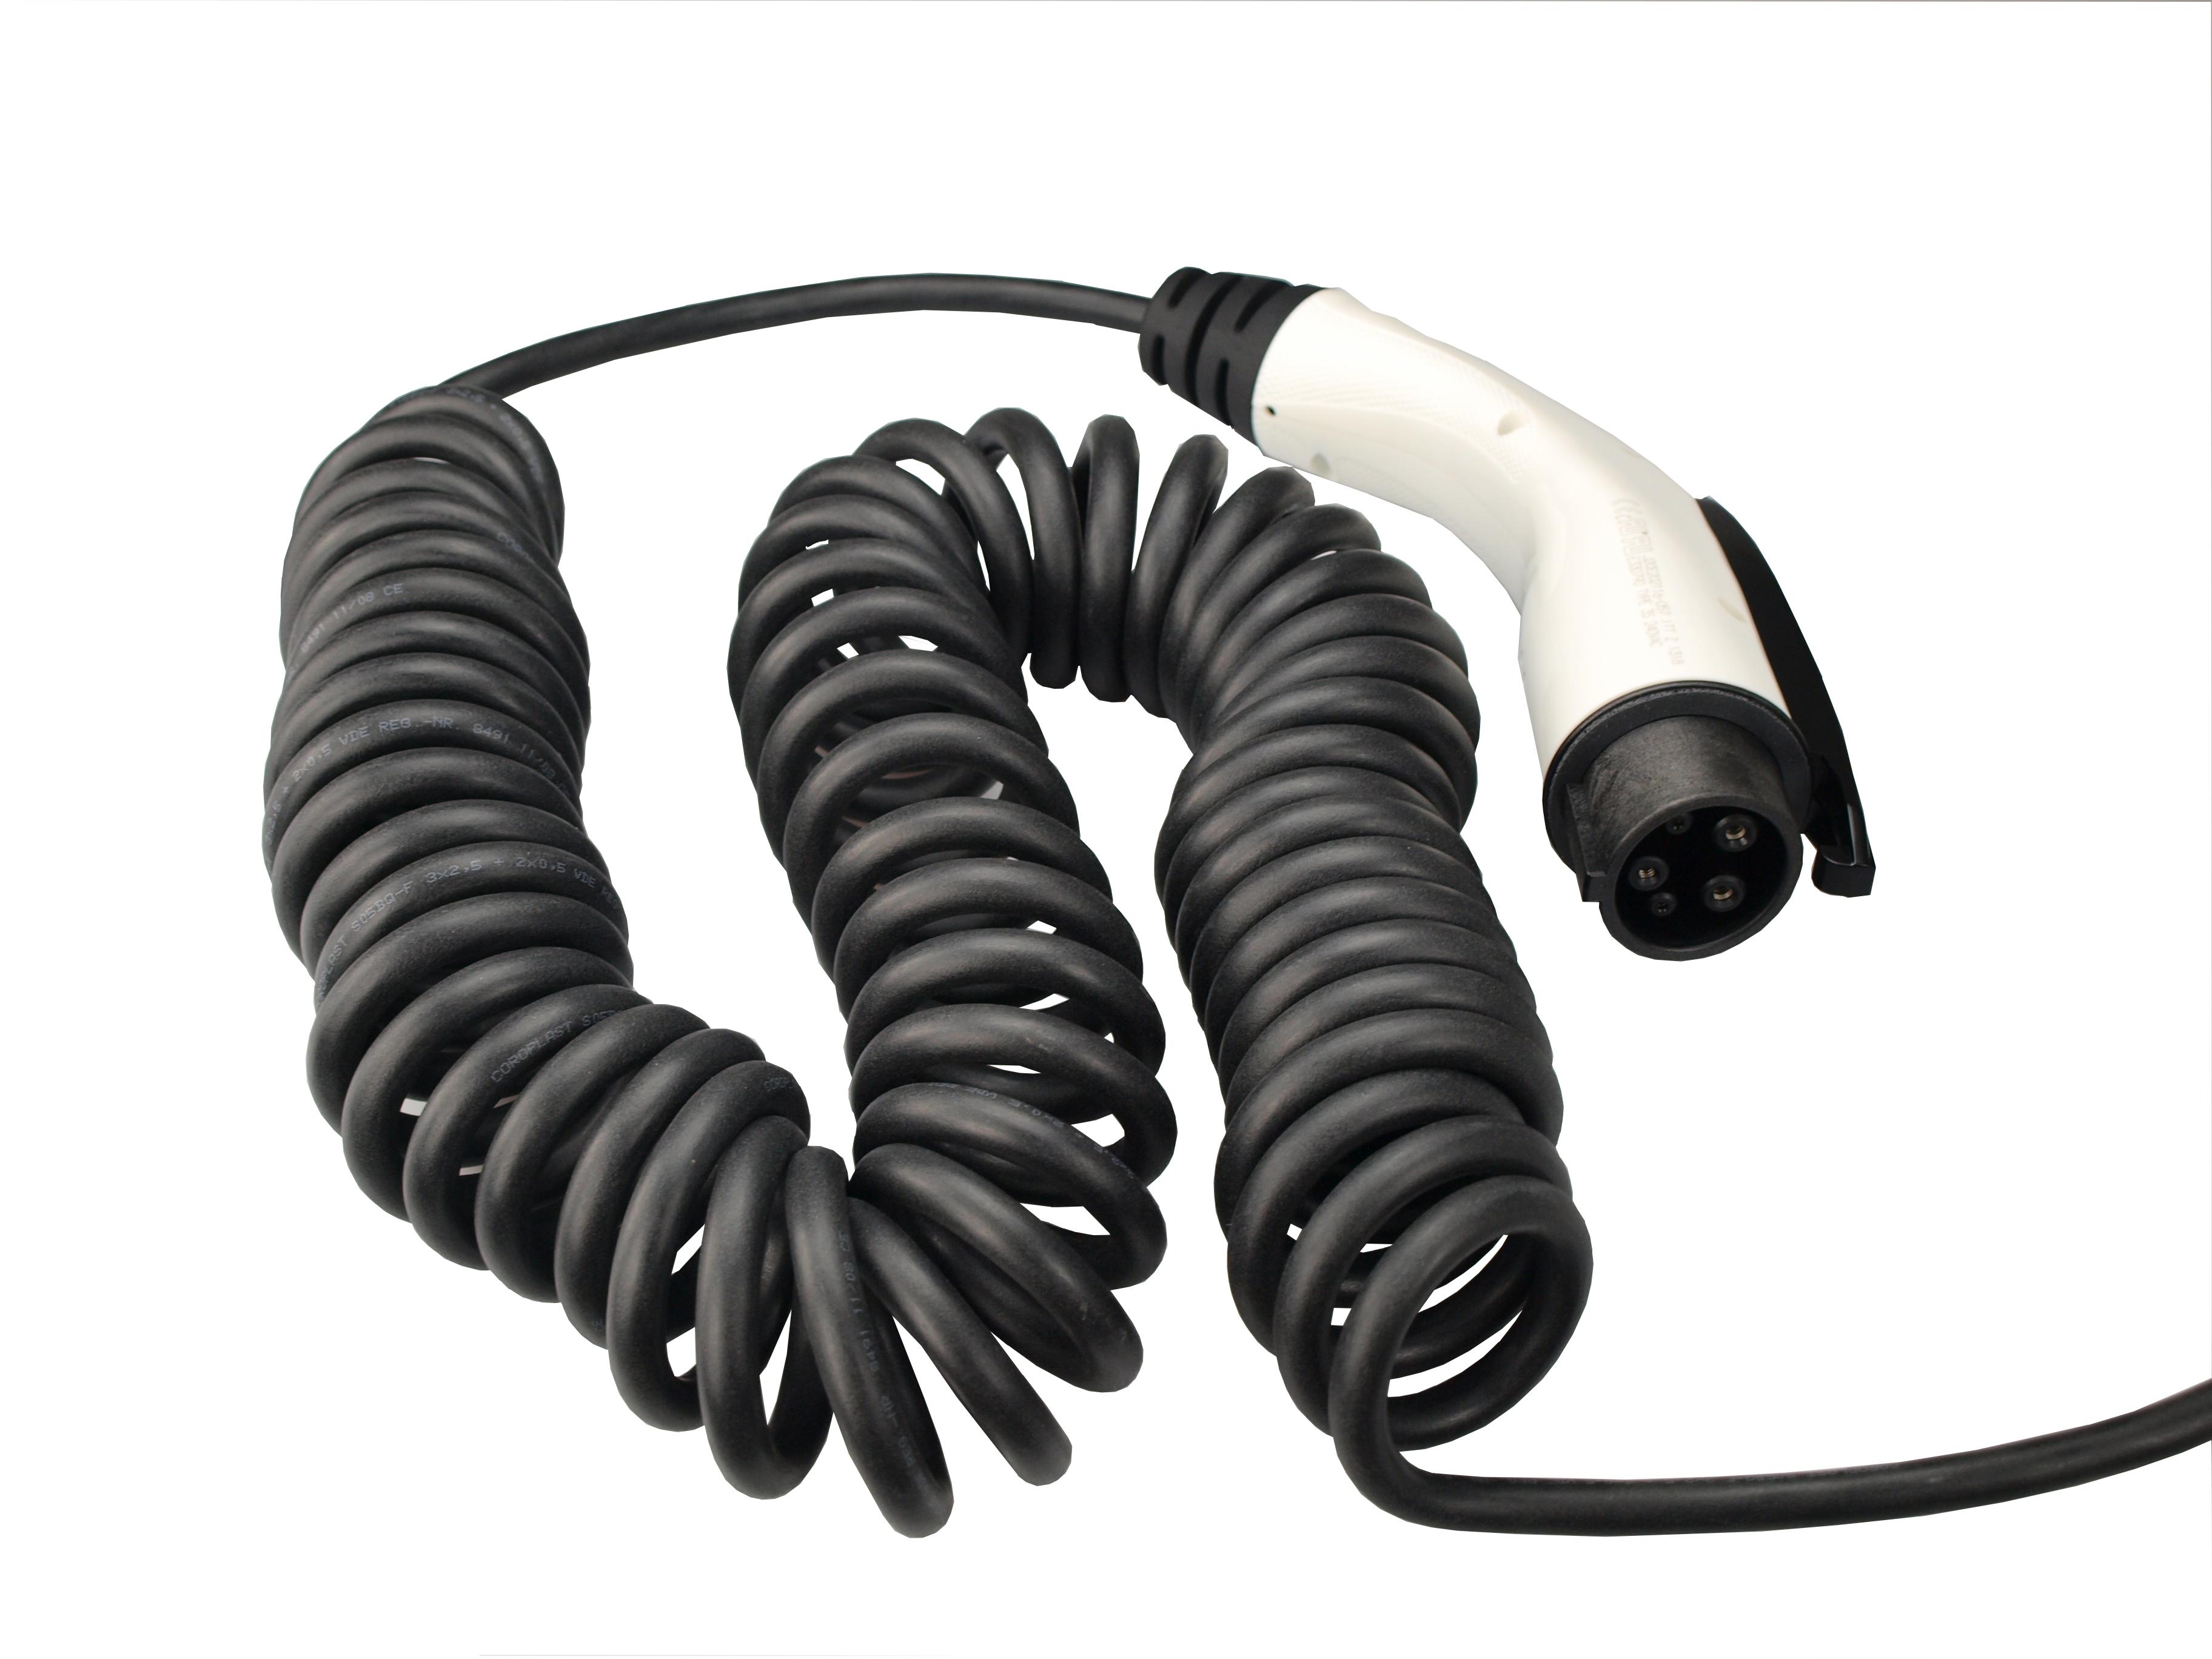 1 Stk i-CHARGE Cable 16A Typ1, Spiralkabel mit offenem Ende 5m EMK110F0C0